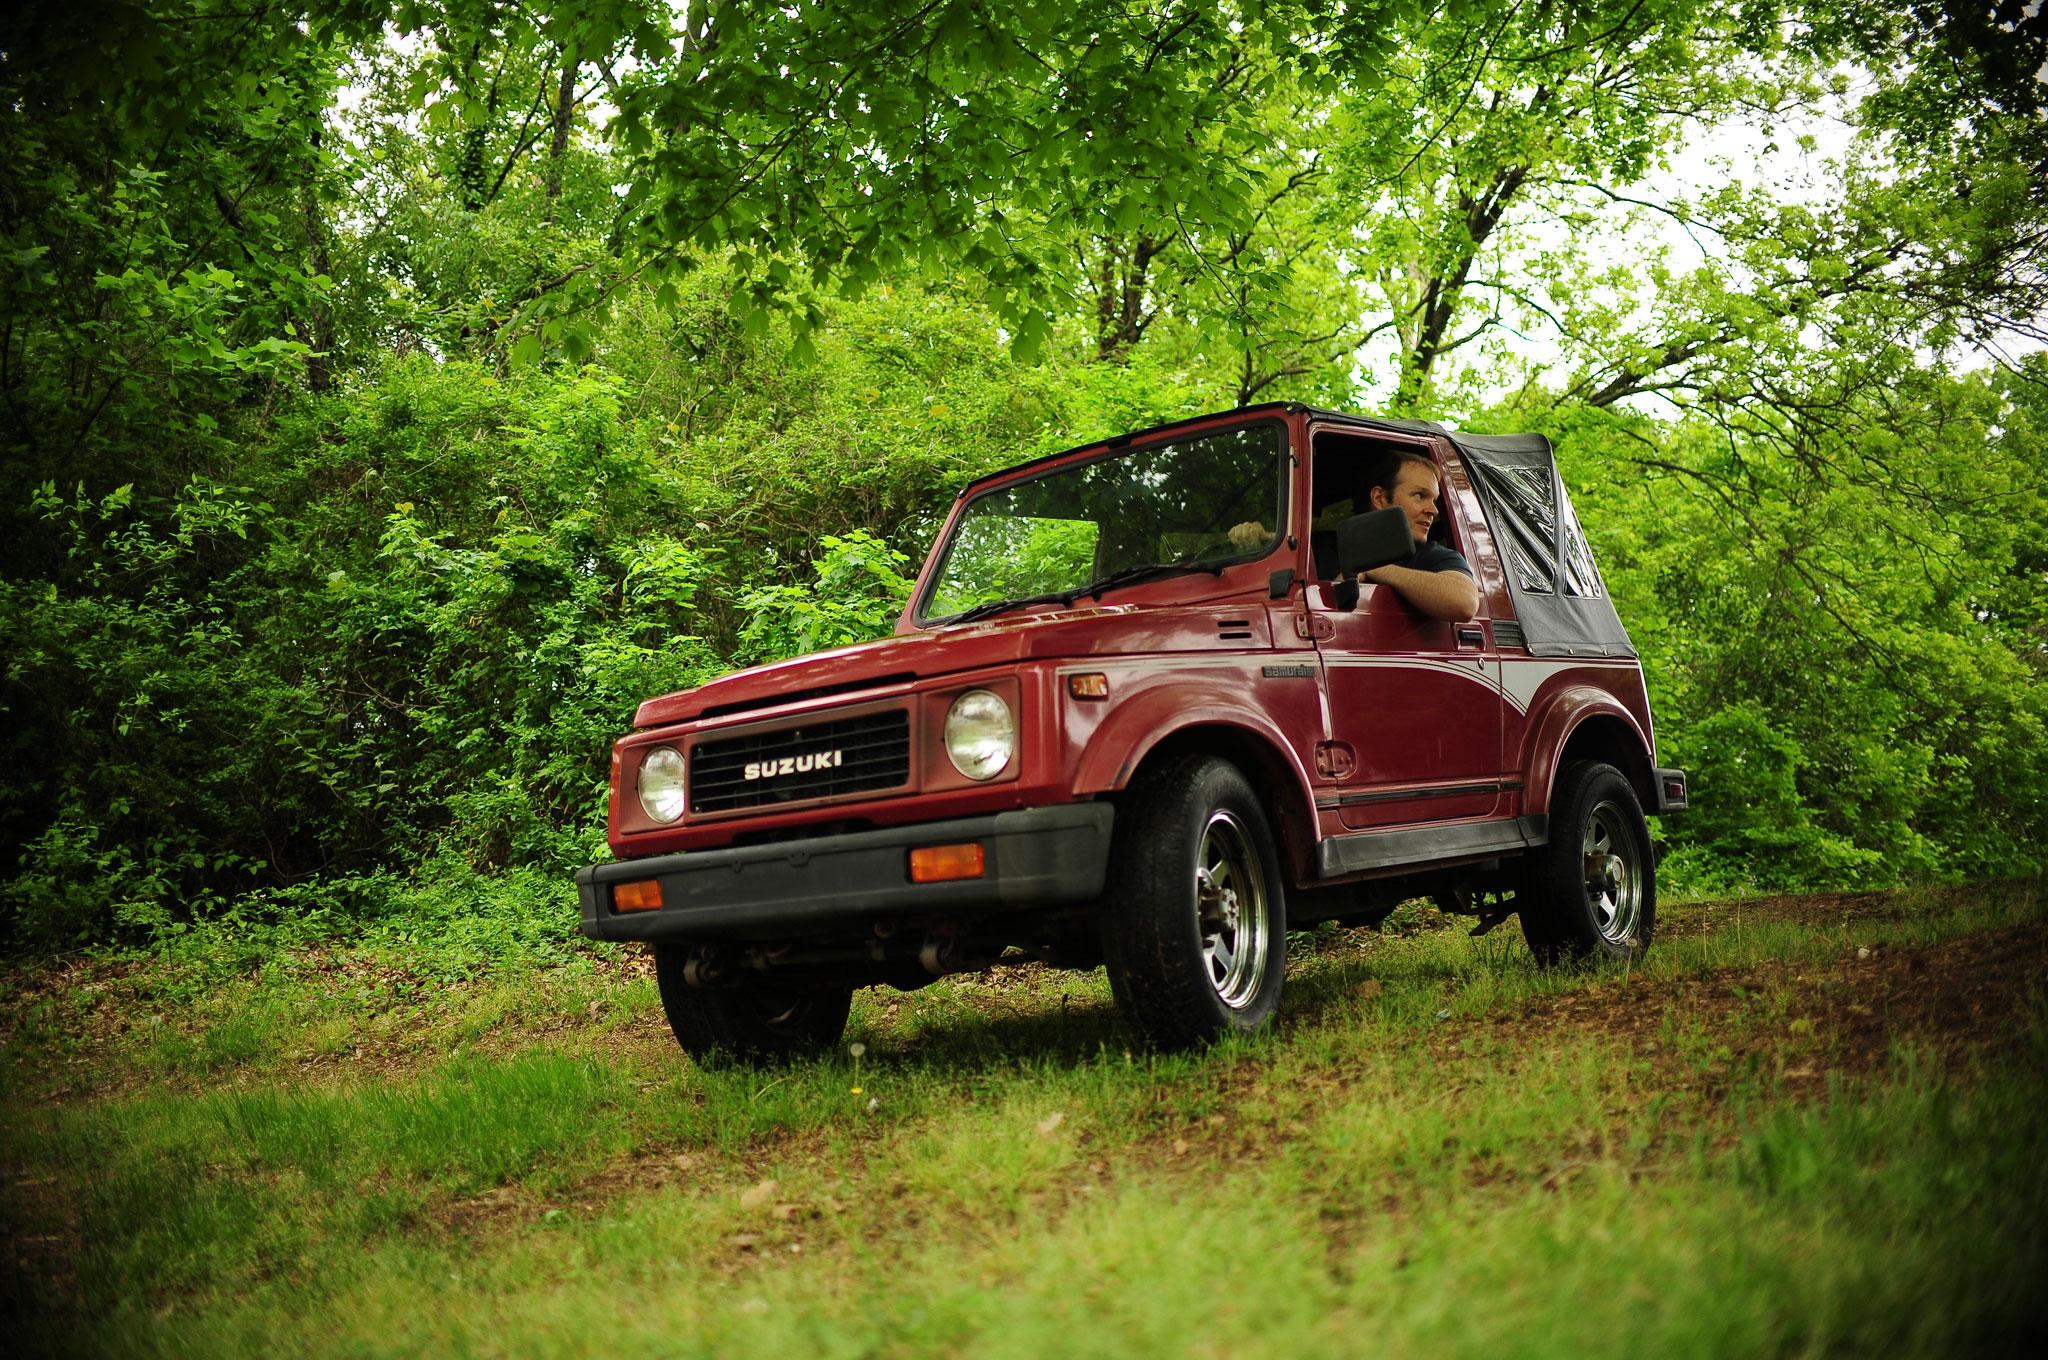 Collectible Classic 1986 1995 Suzuki Samurai Automobile